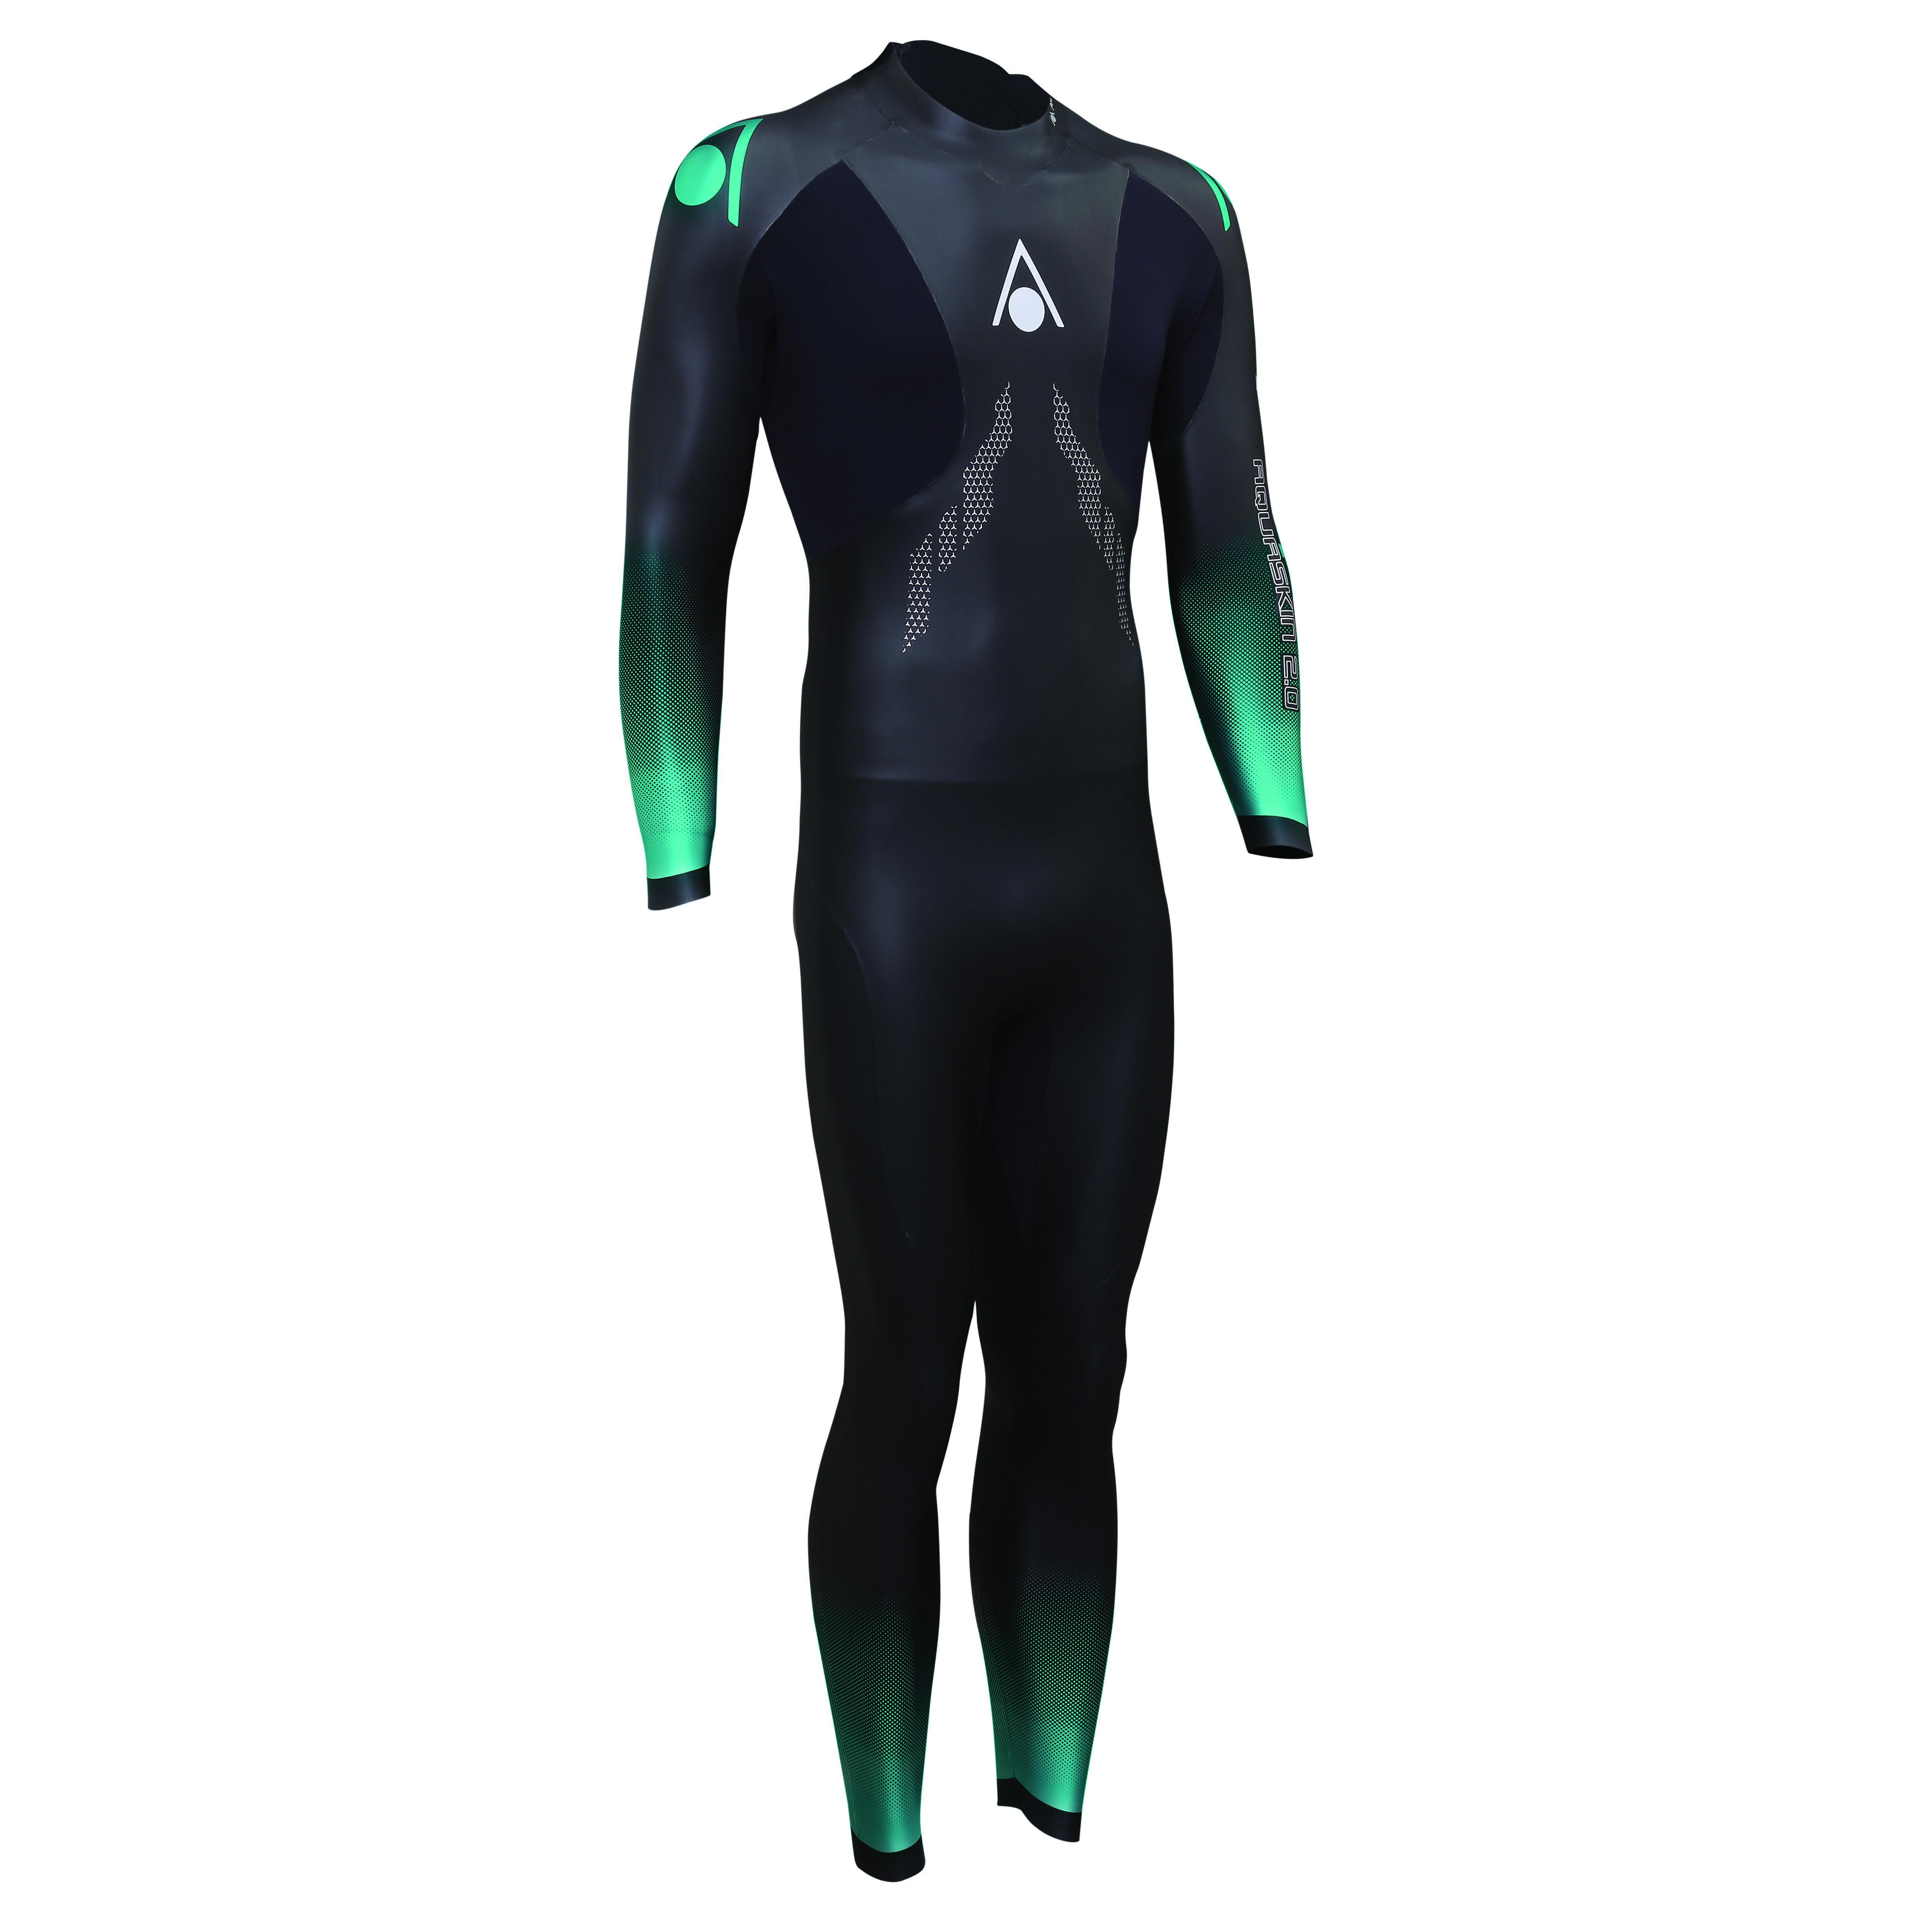 dfca526997d Aqua Sphere 2019 Aqua Skin Mens